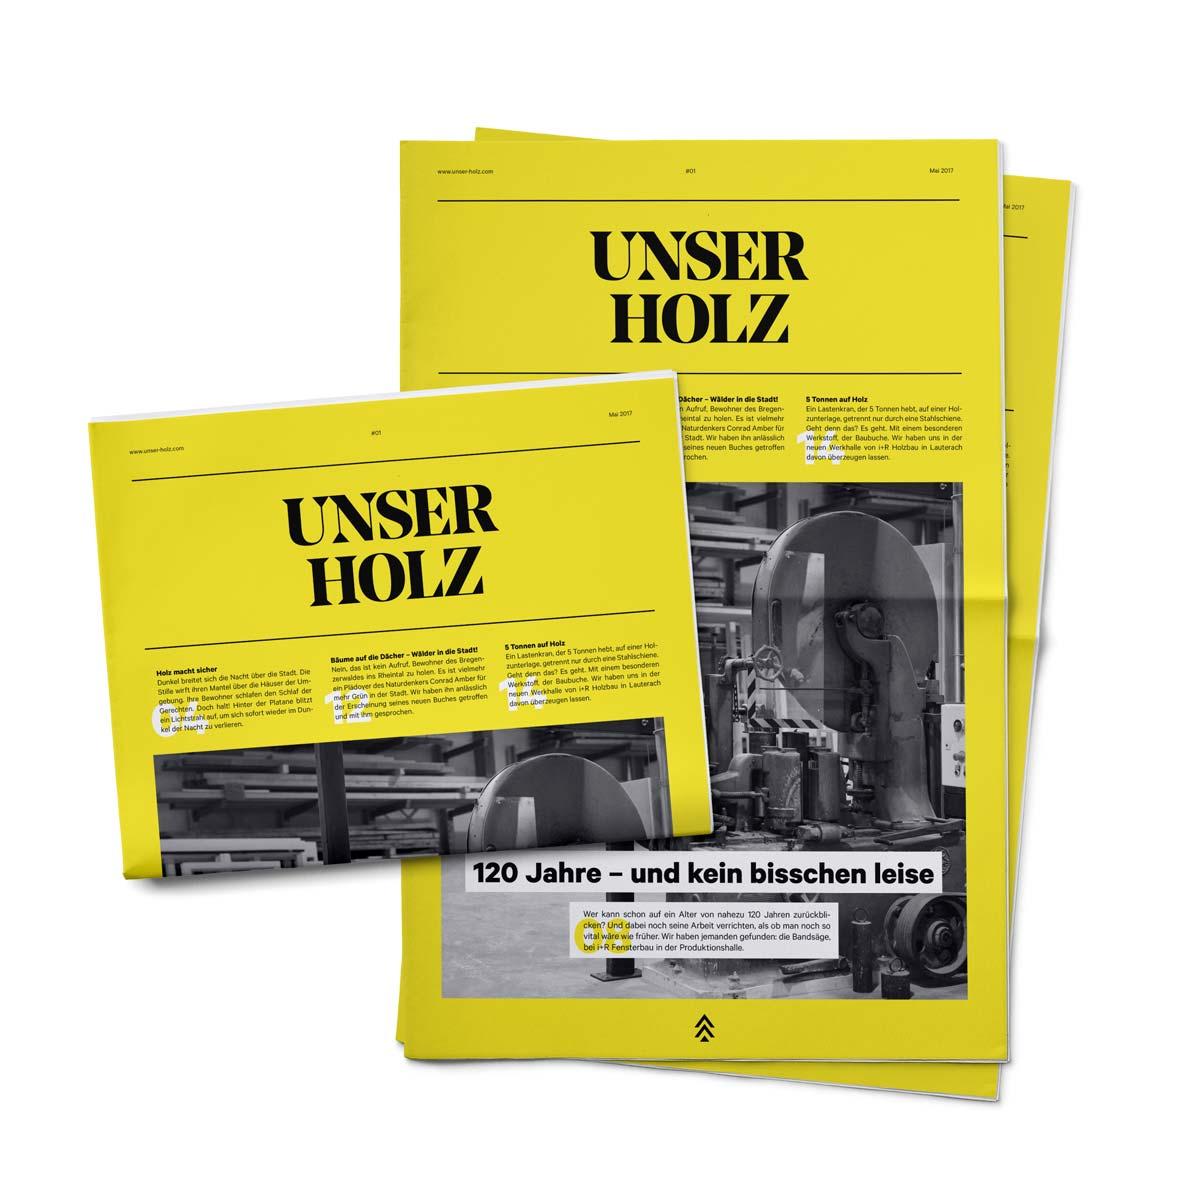 Unser-Holz-Broschuere